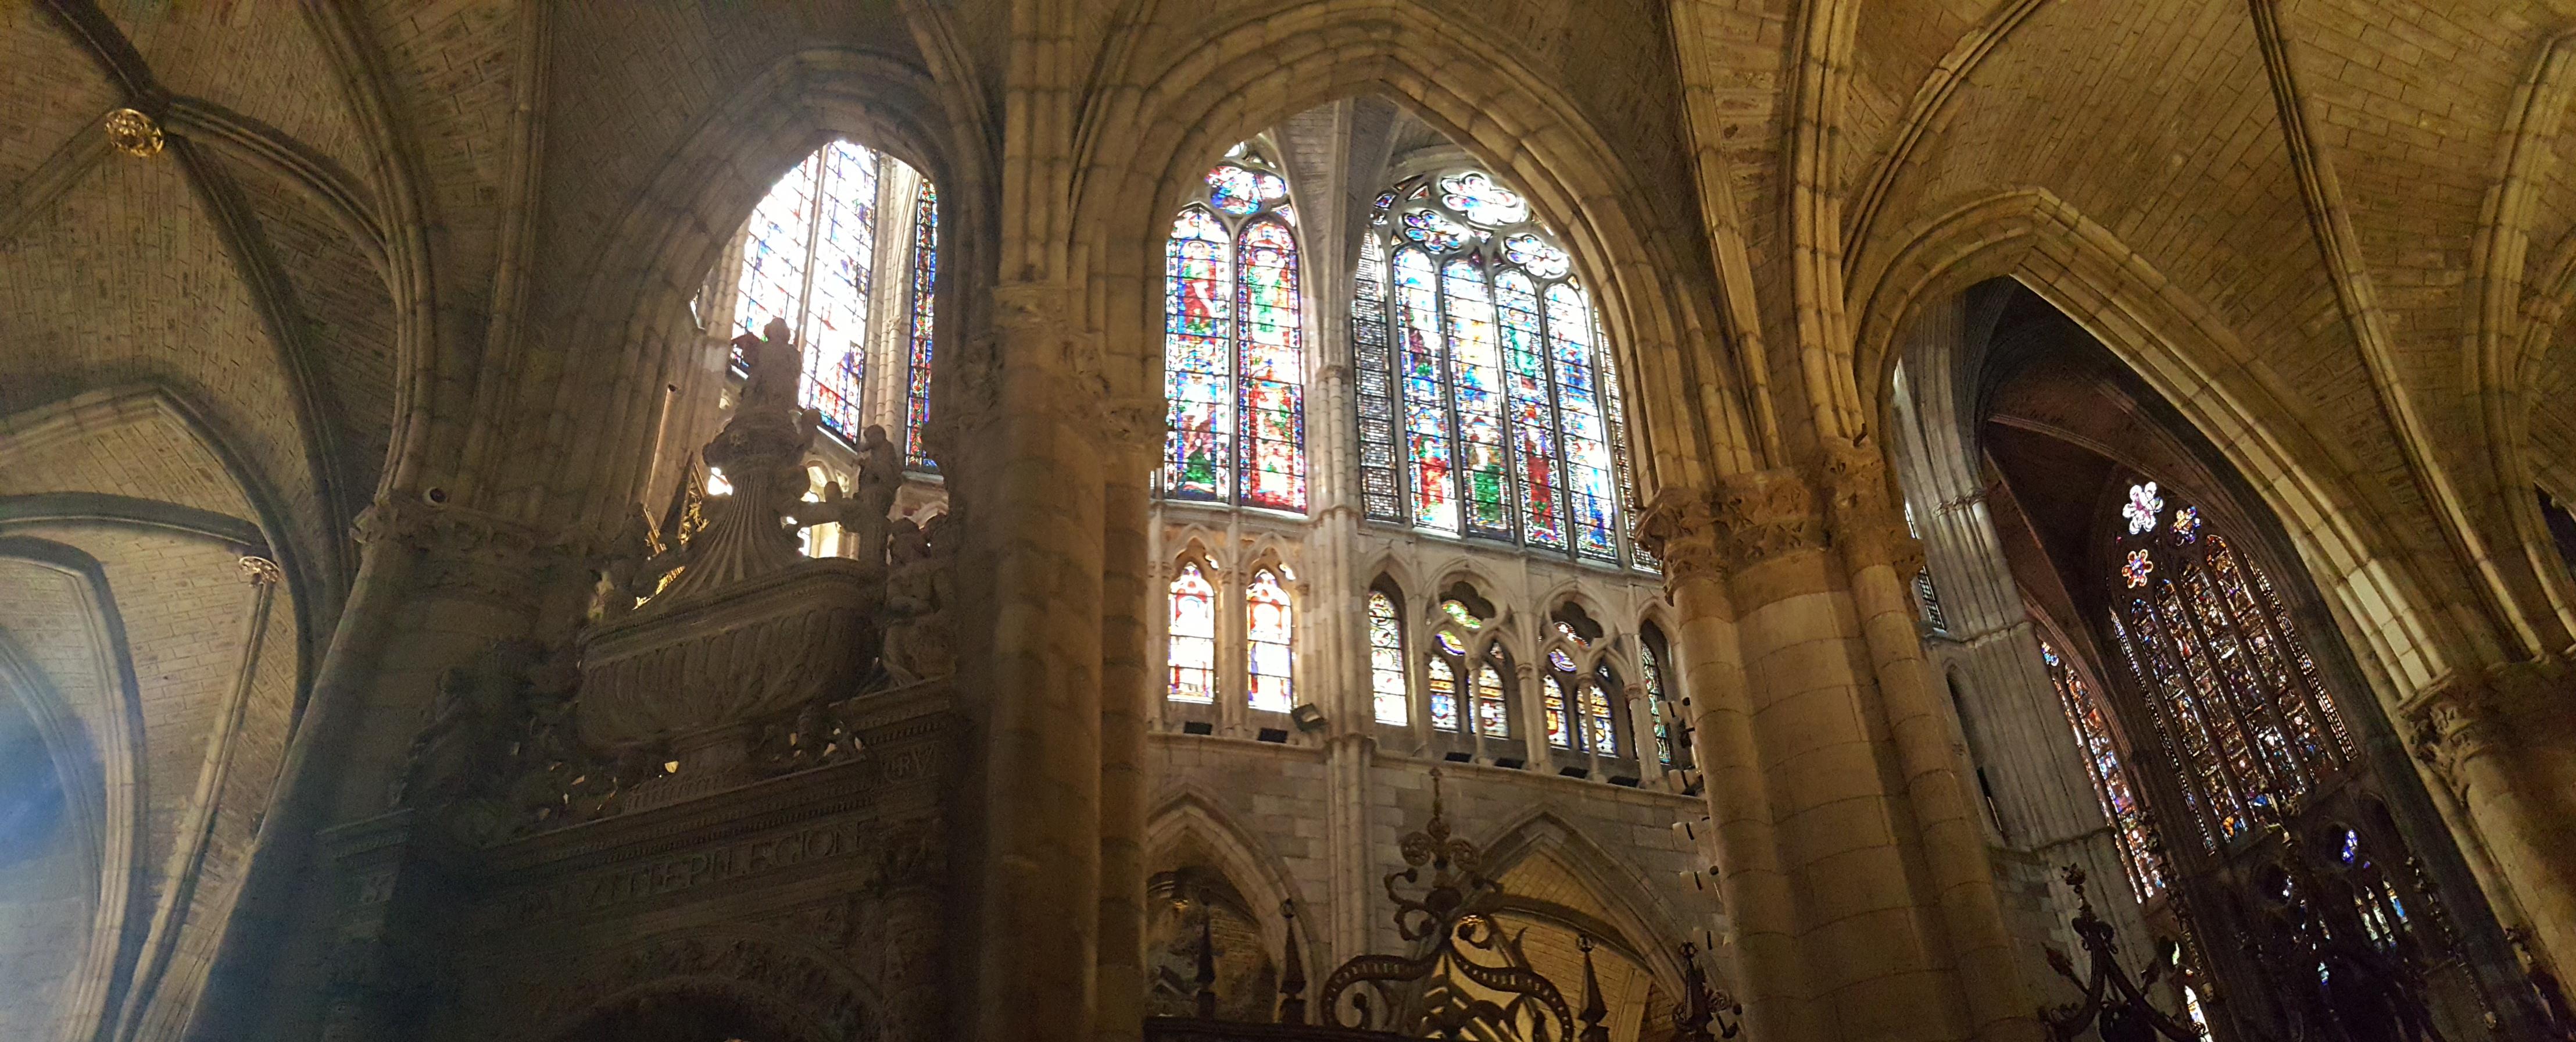 Les vitraux de la cathédrale de Léon